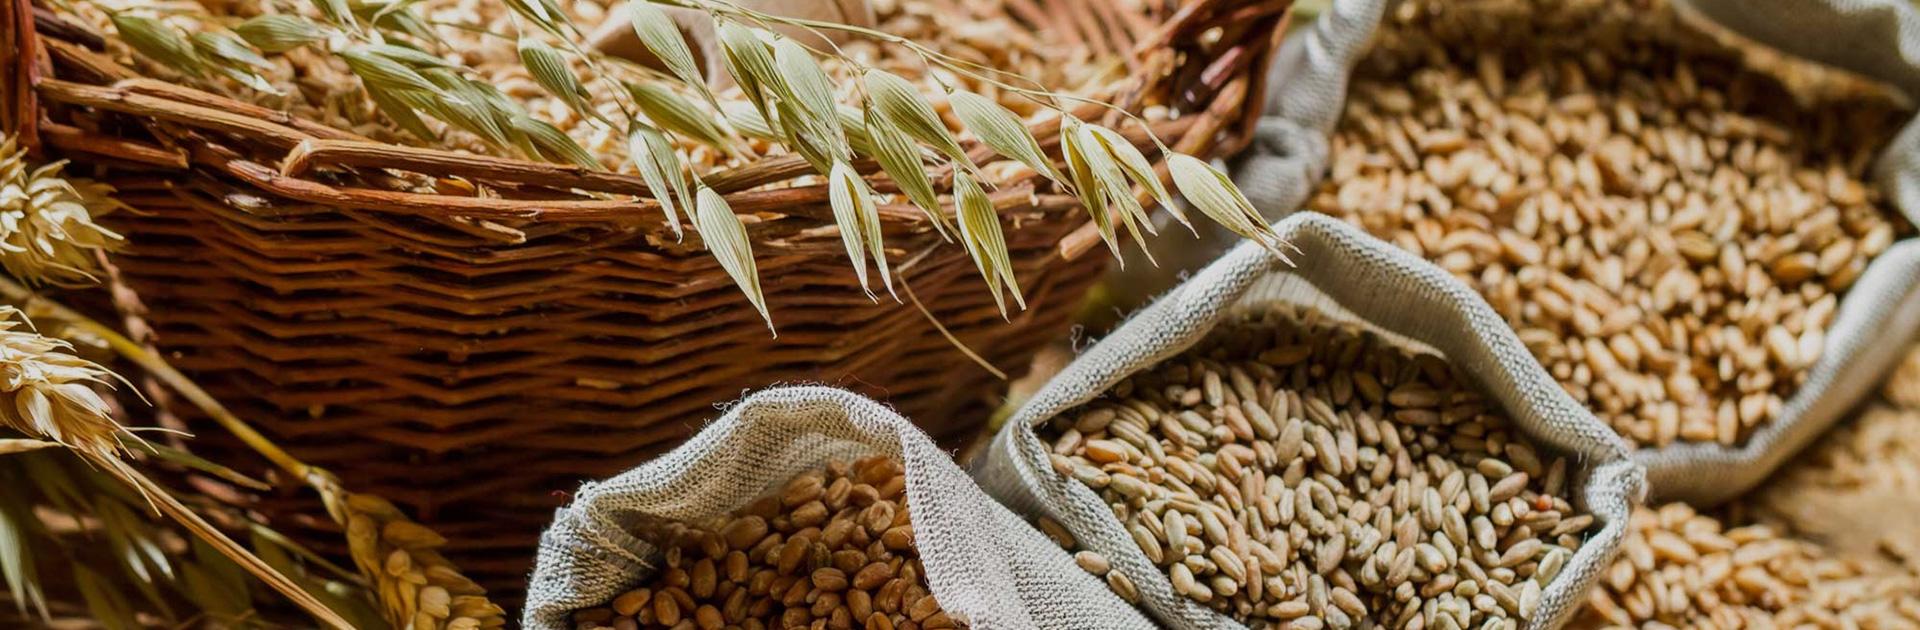 Производство корма для сельскохозяйственных животных